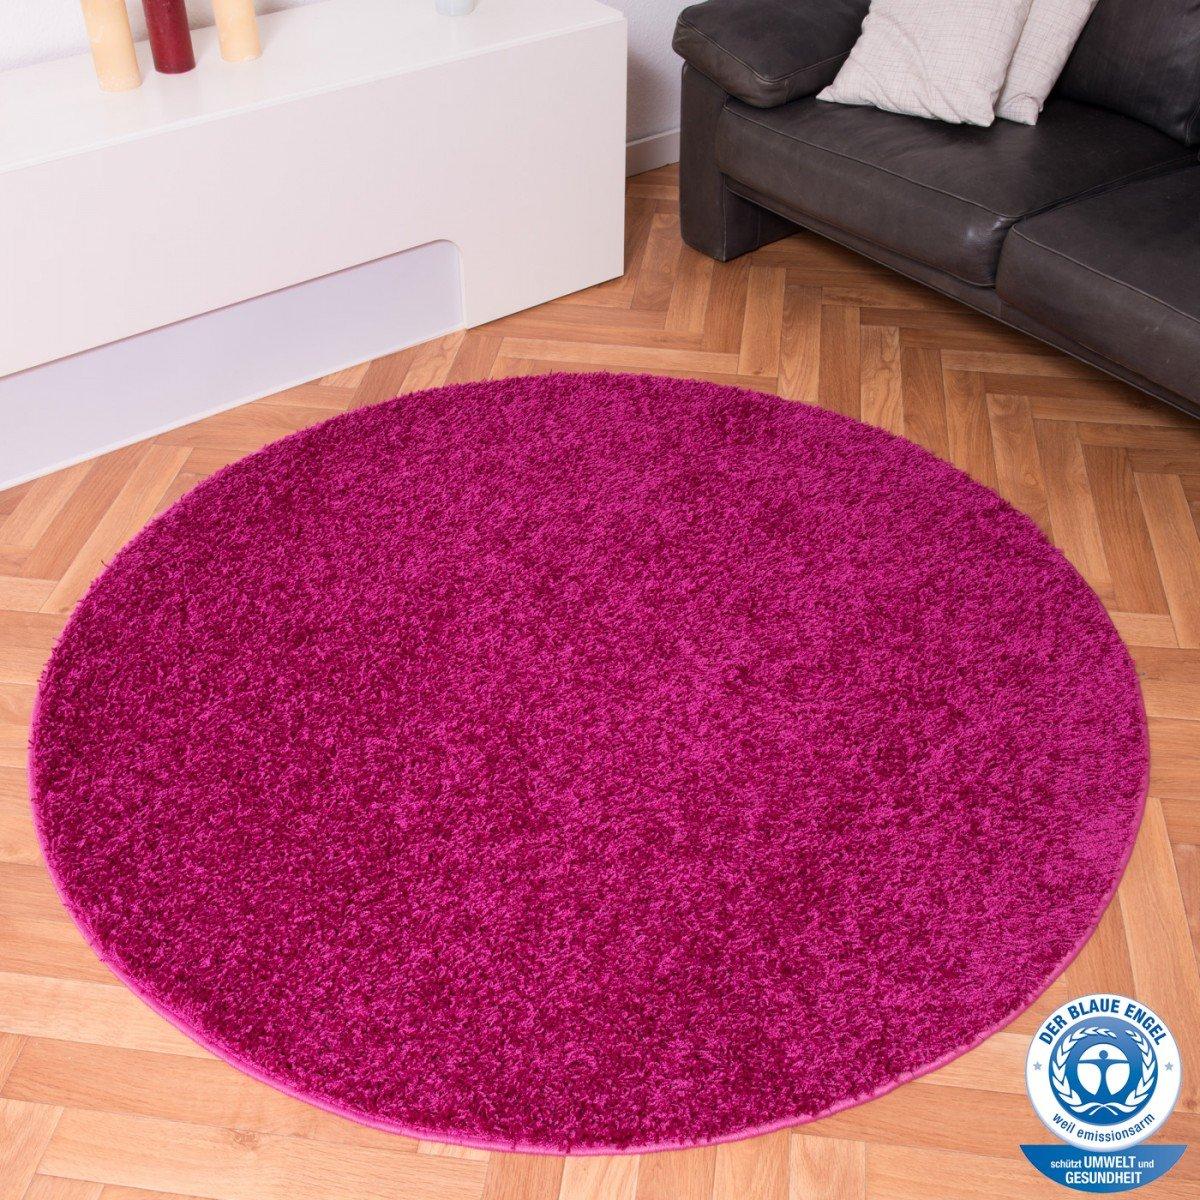 Hochflor teppich shaggy amarillo pink rund, größe auswählen:67 cm ...